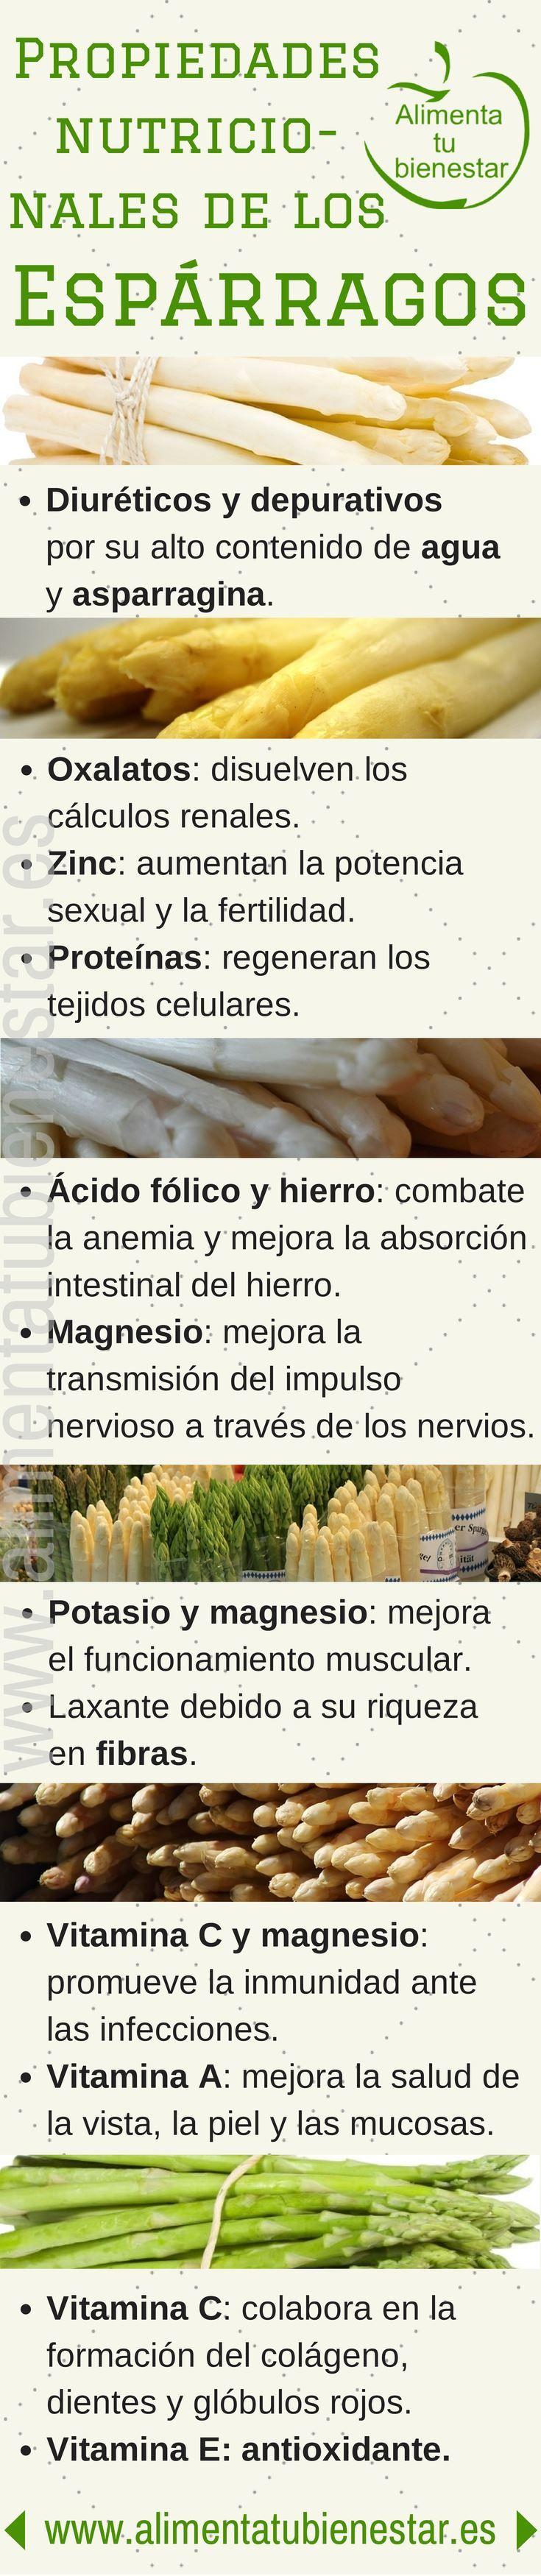 Verduras depurativas #infografia propiedades nutricionales de los #esparragos